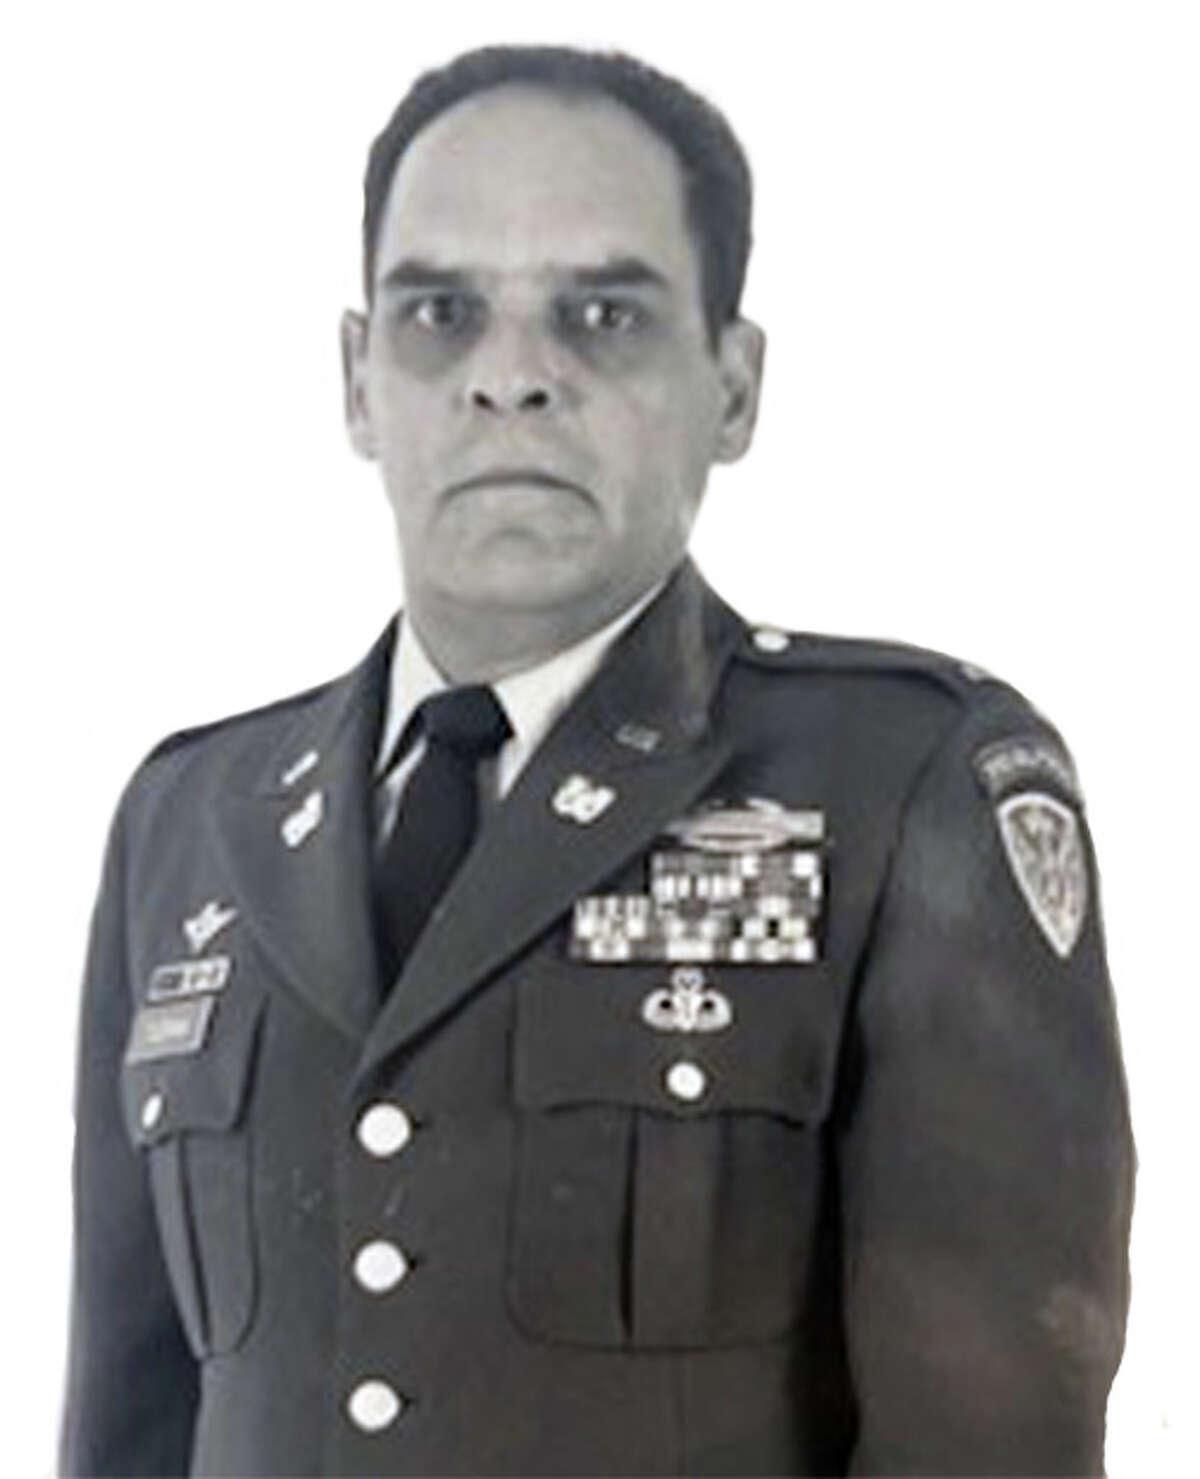 Arturo Tijerina